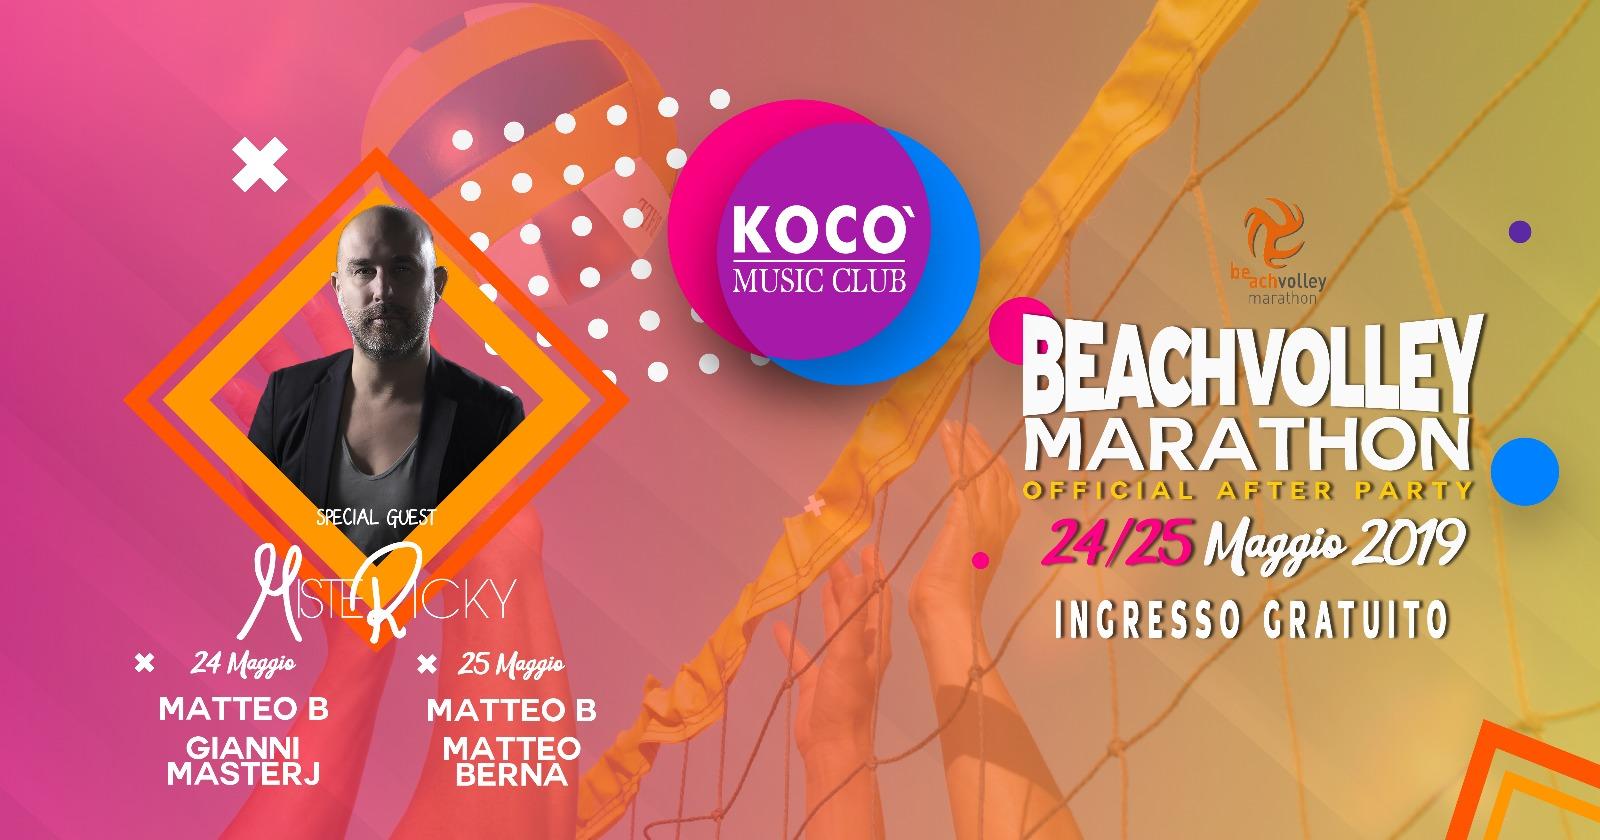 VEN 24 E SAB 25 Maggio: Beach volley marathon after party! 2019